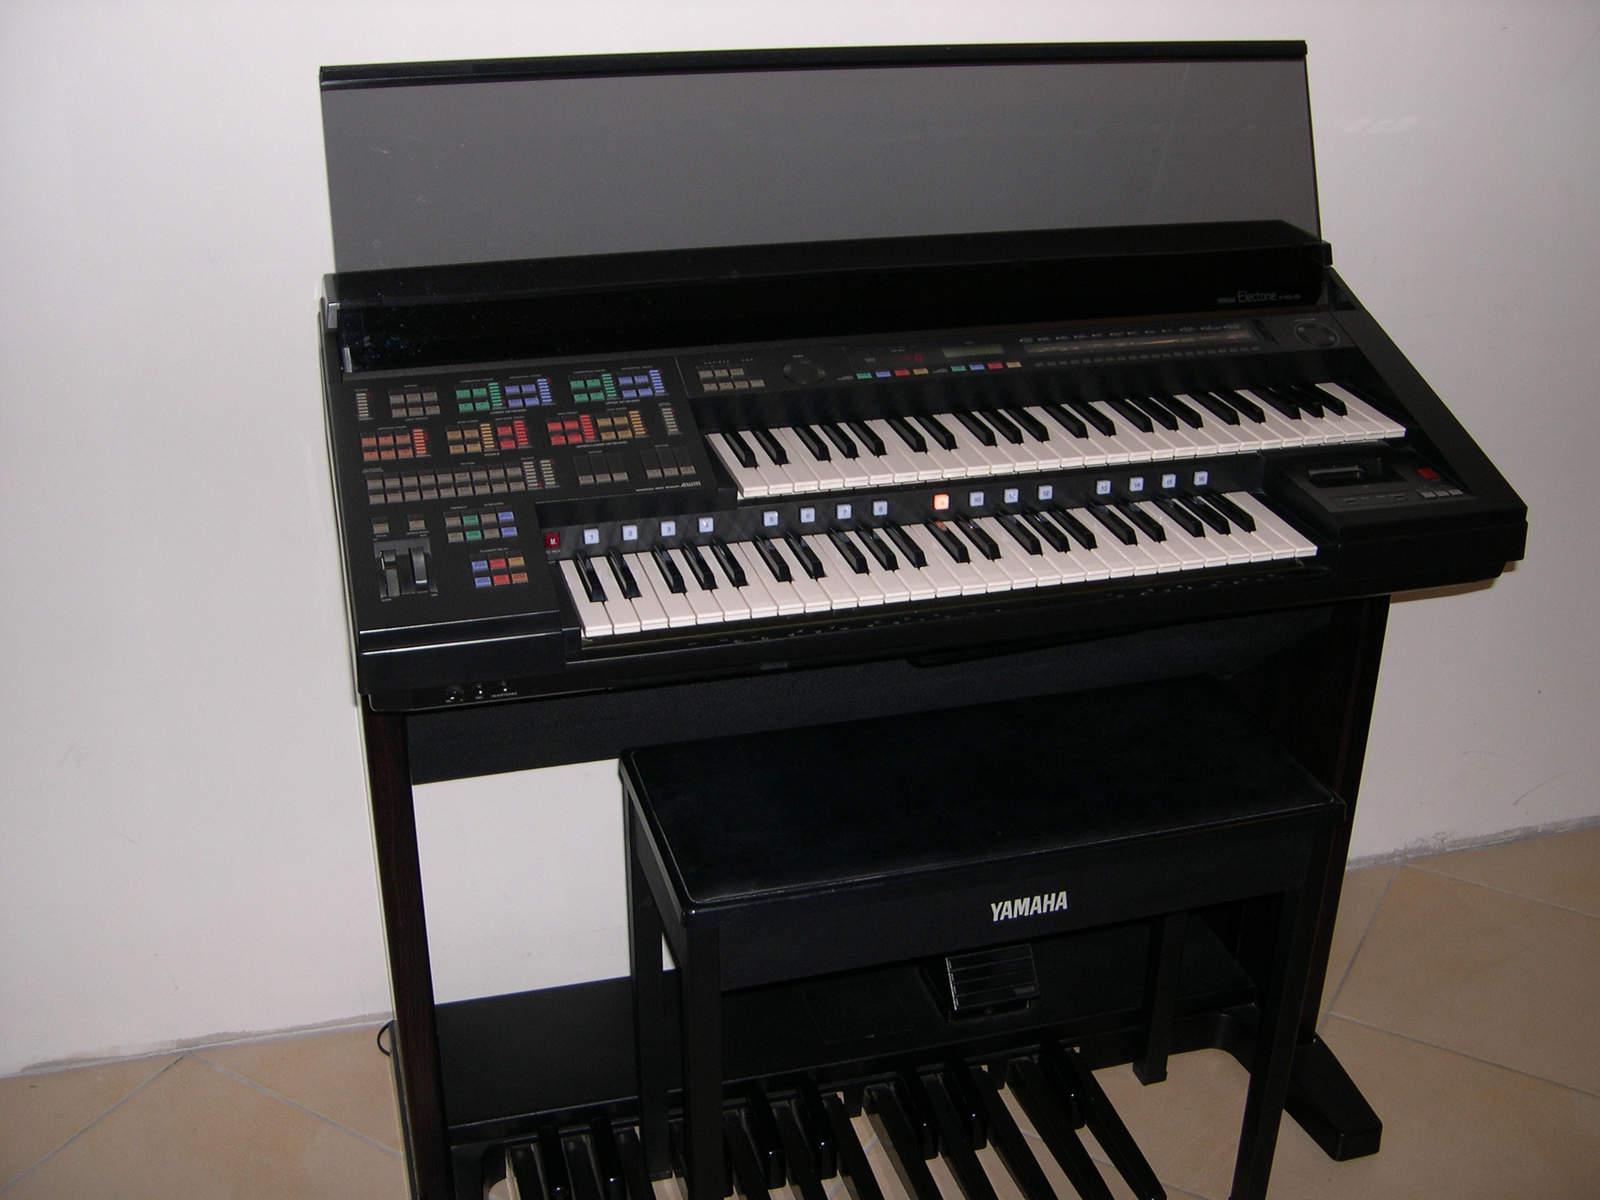 Yamaha electone hs8 image 179049 audiofanzine for Yamaha hs8 price